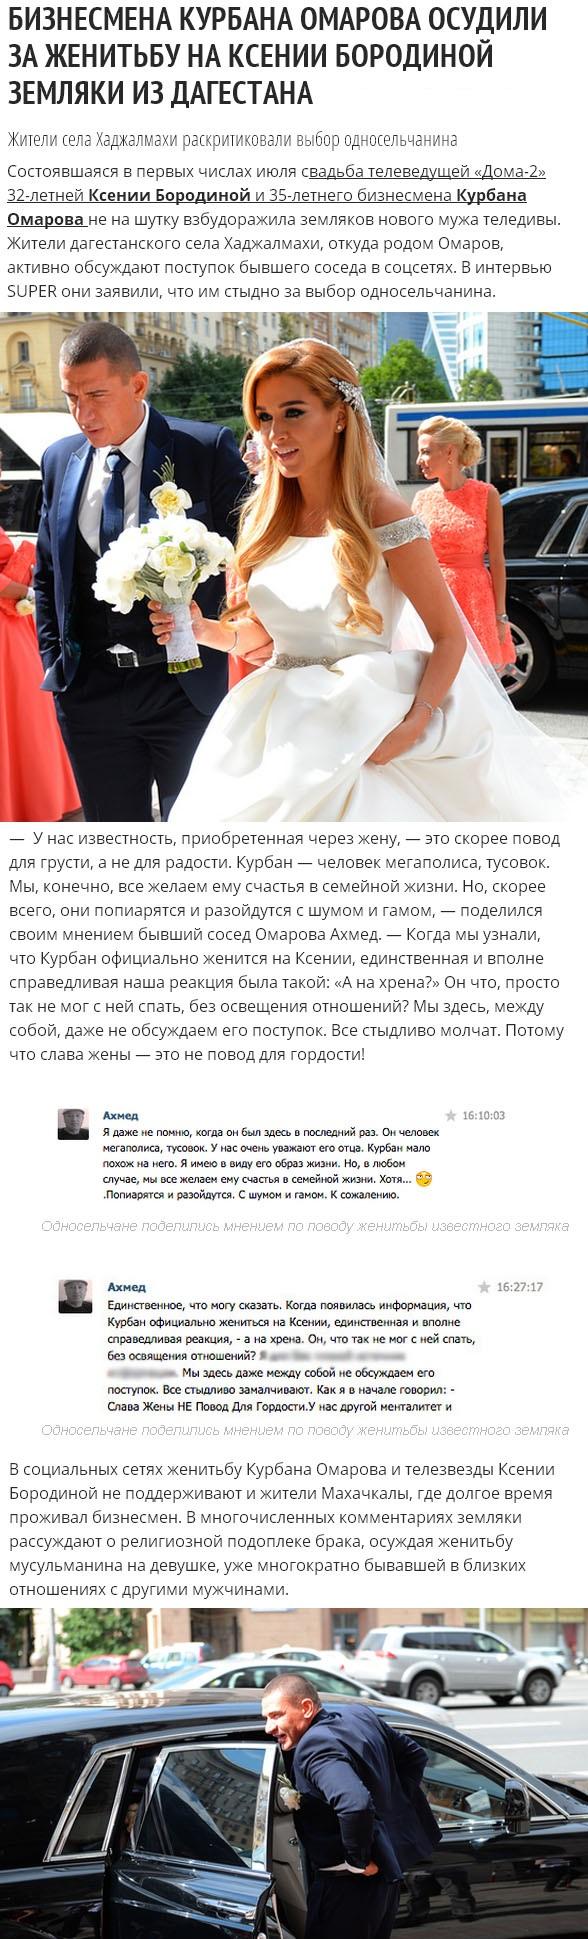 Земляки Курбана Омарова осудили его союз с Ксенией Бородиной